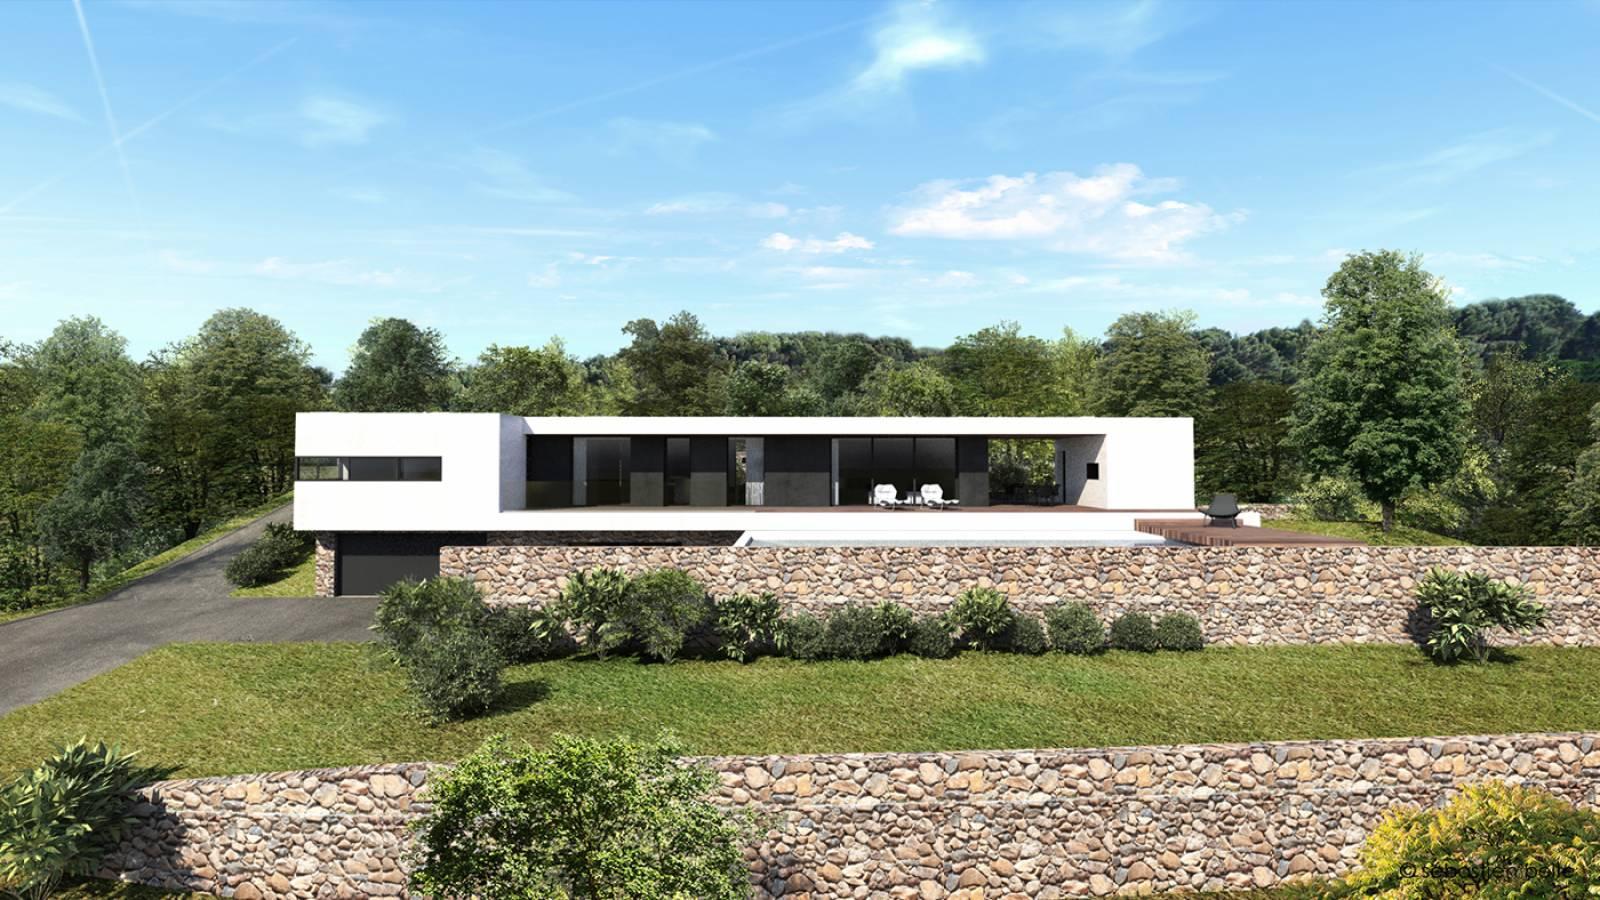 Maison Contemporaine P Aix En Provence Dans Les Bouches Du Rh Ne Architecte A2 Sb